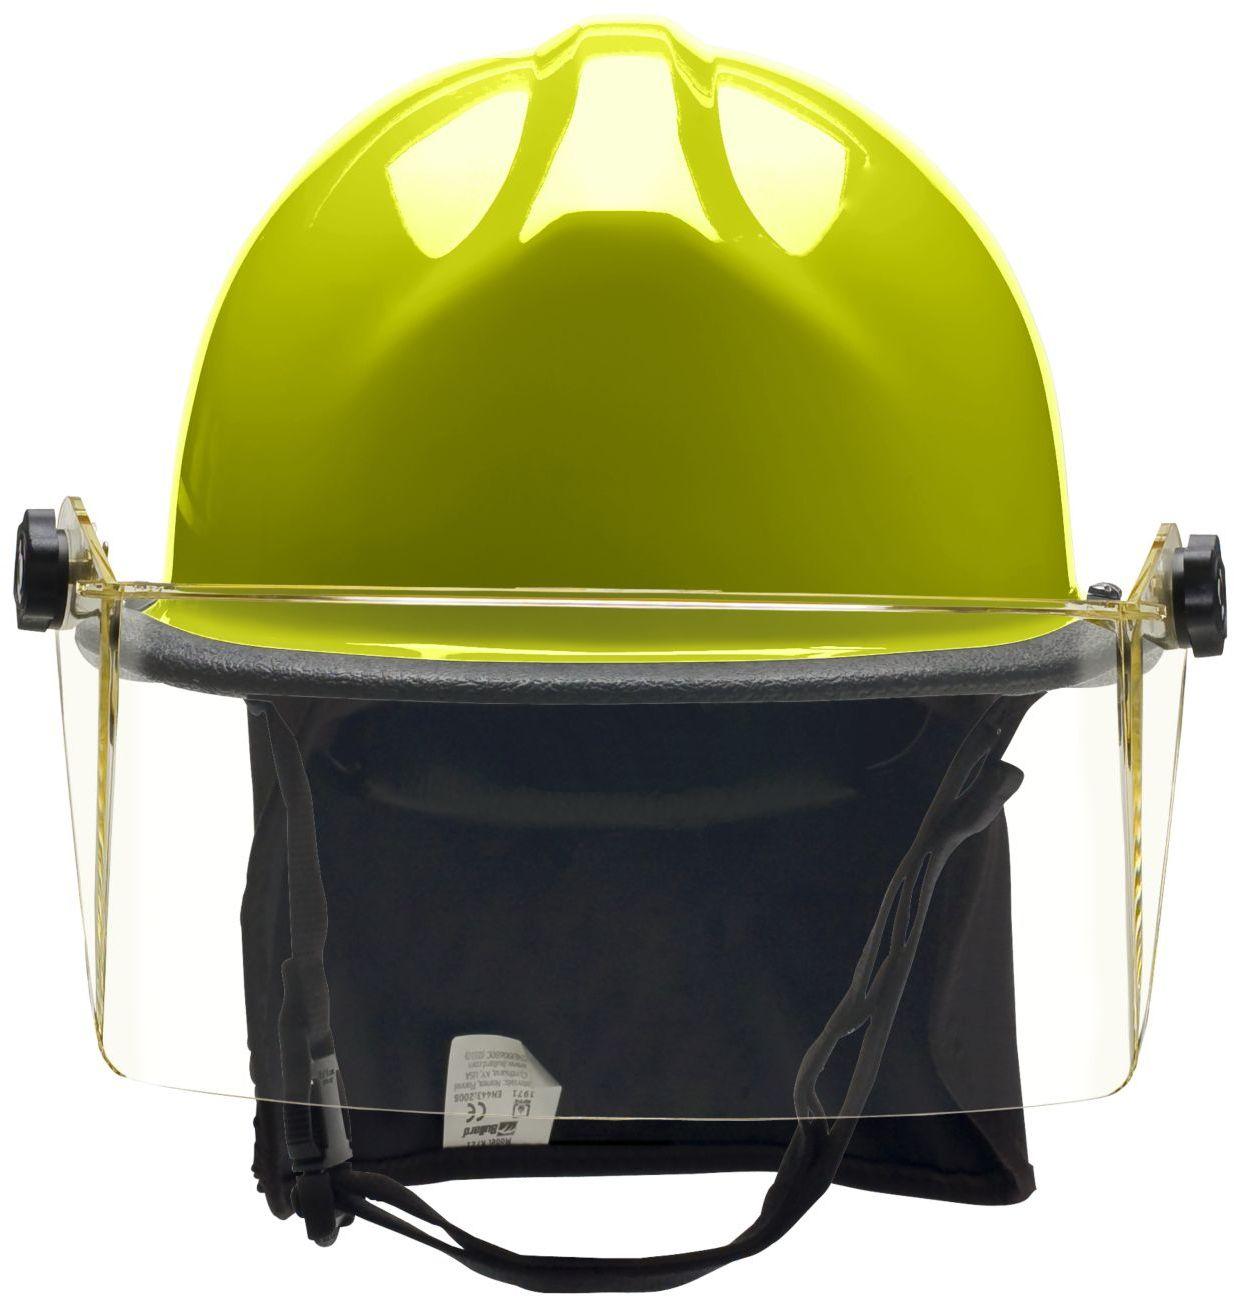 Bullard PX Series Helmet